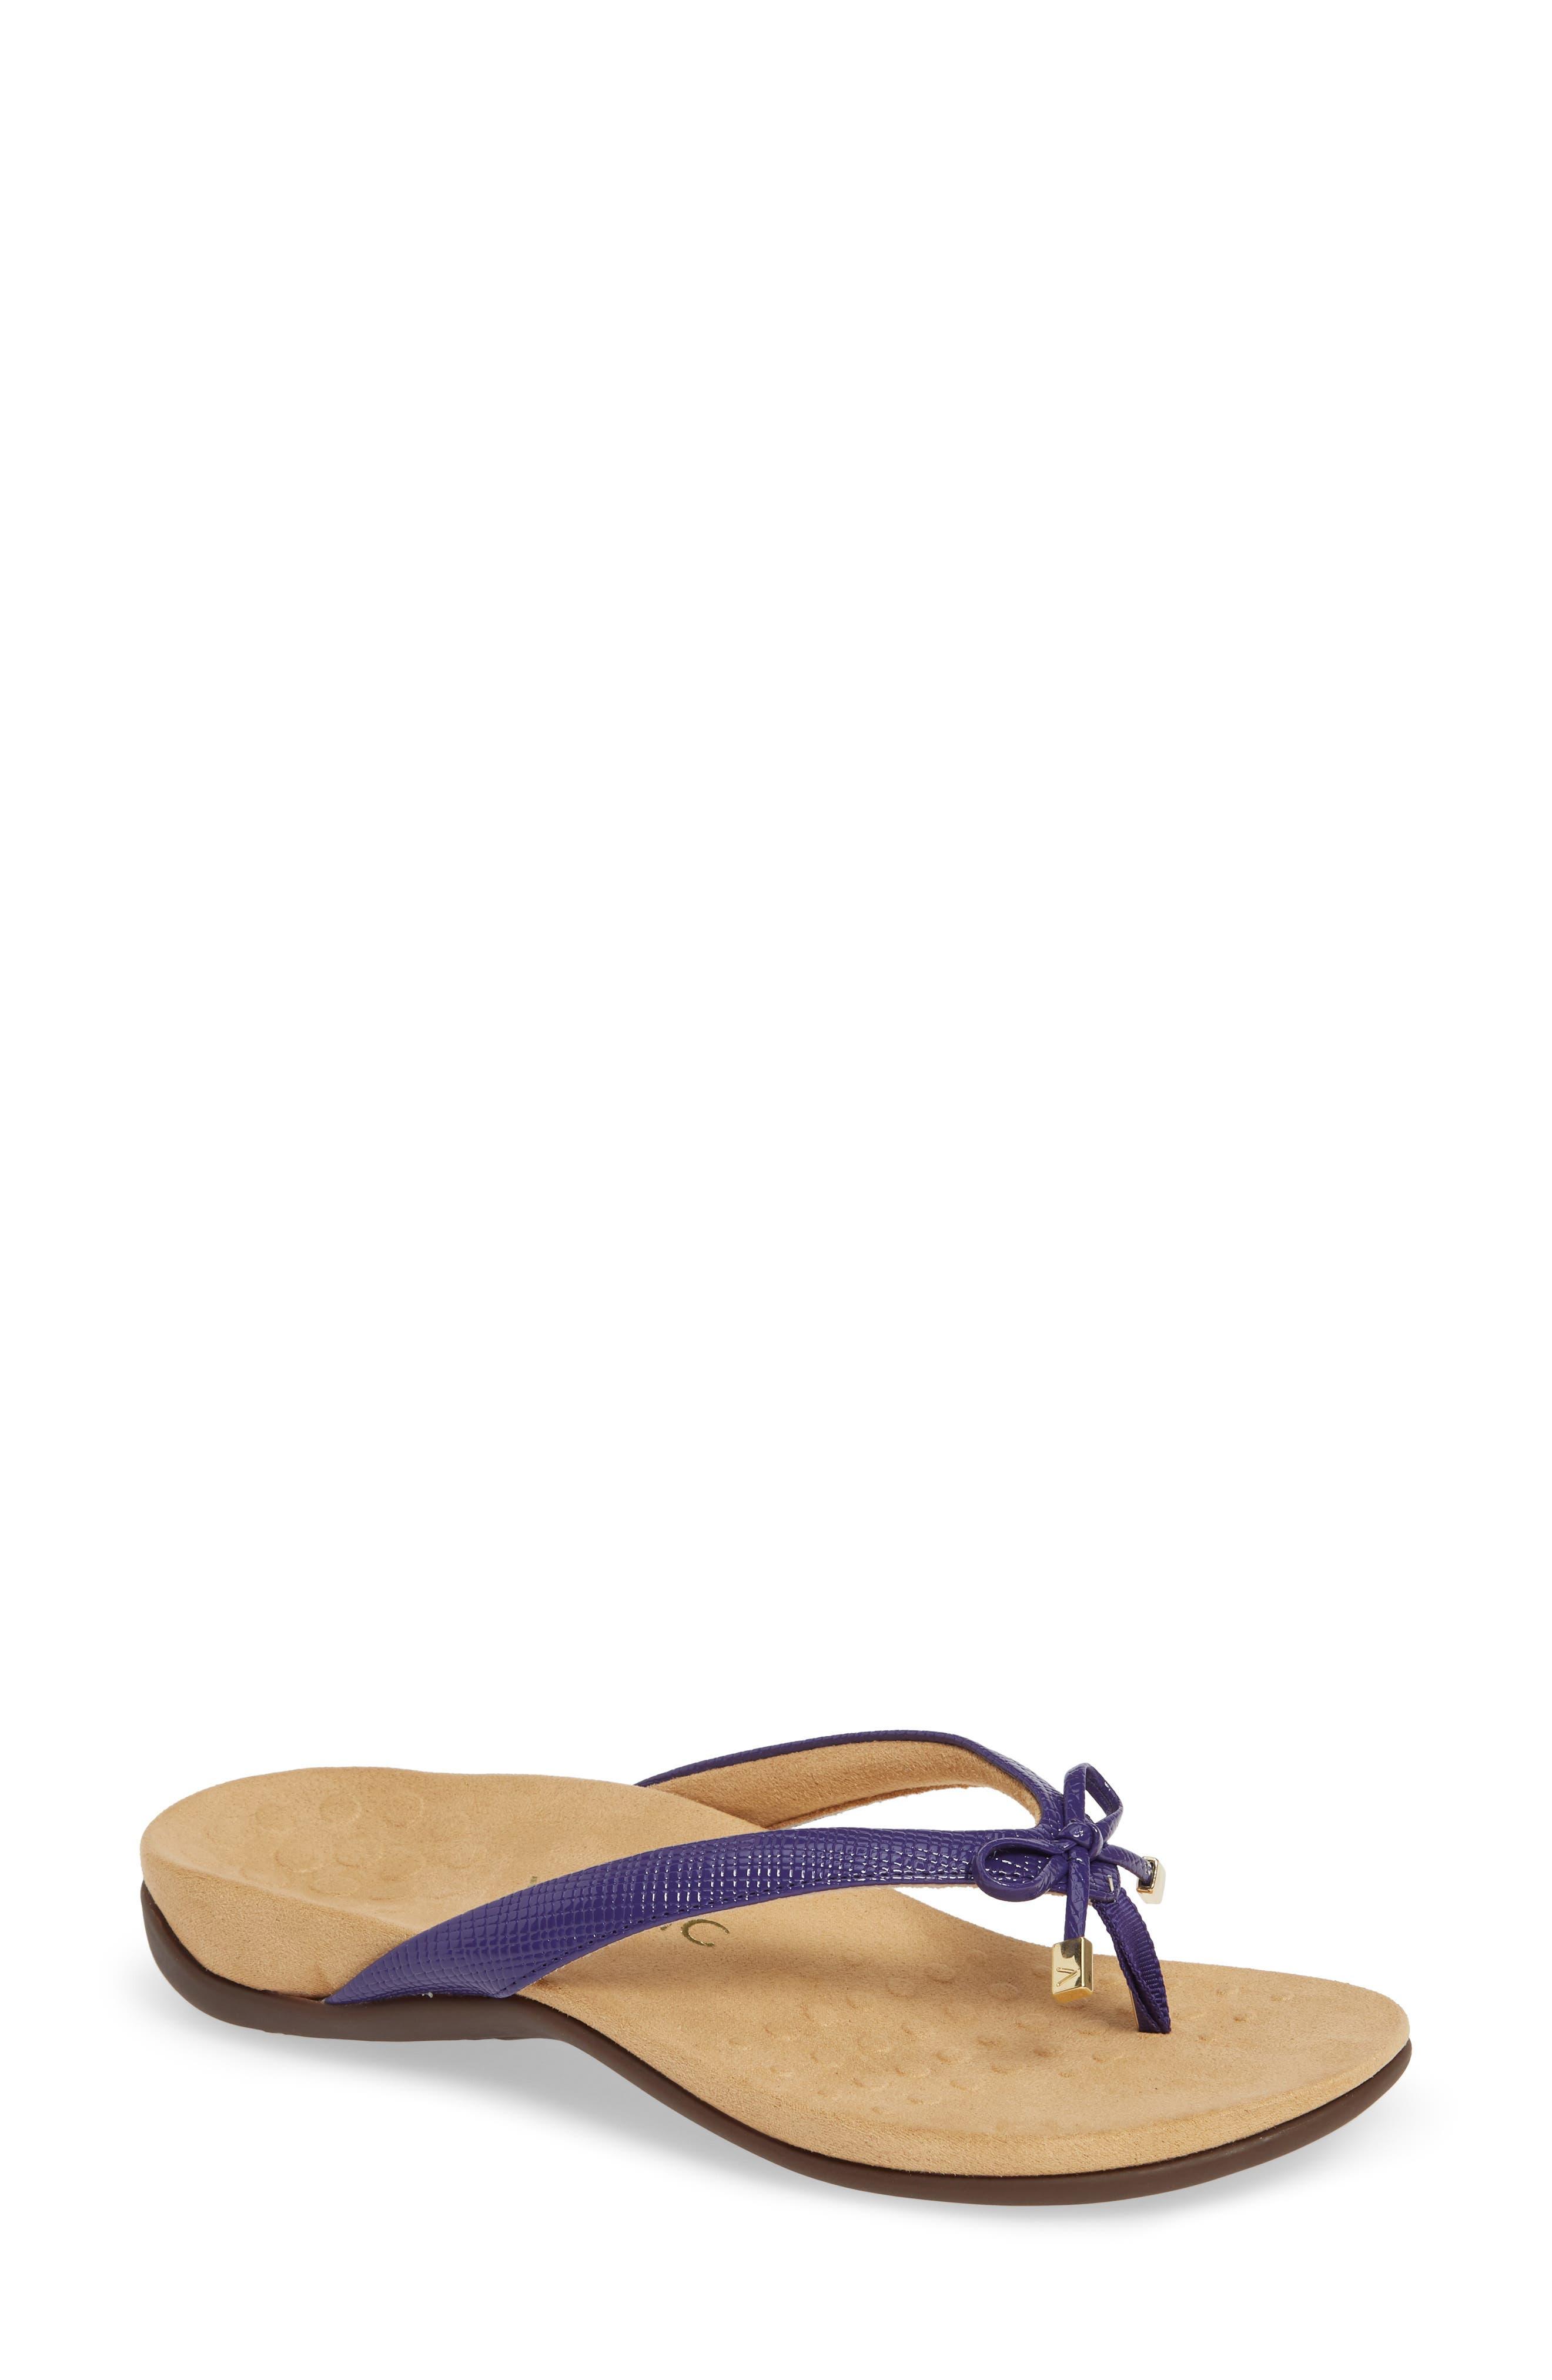 Bella Flip Flop,                         Main,                         color, PURPLE FAUX LEATHER